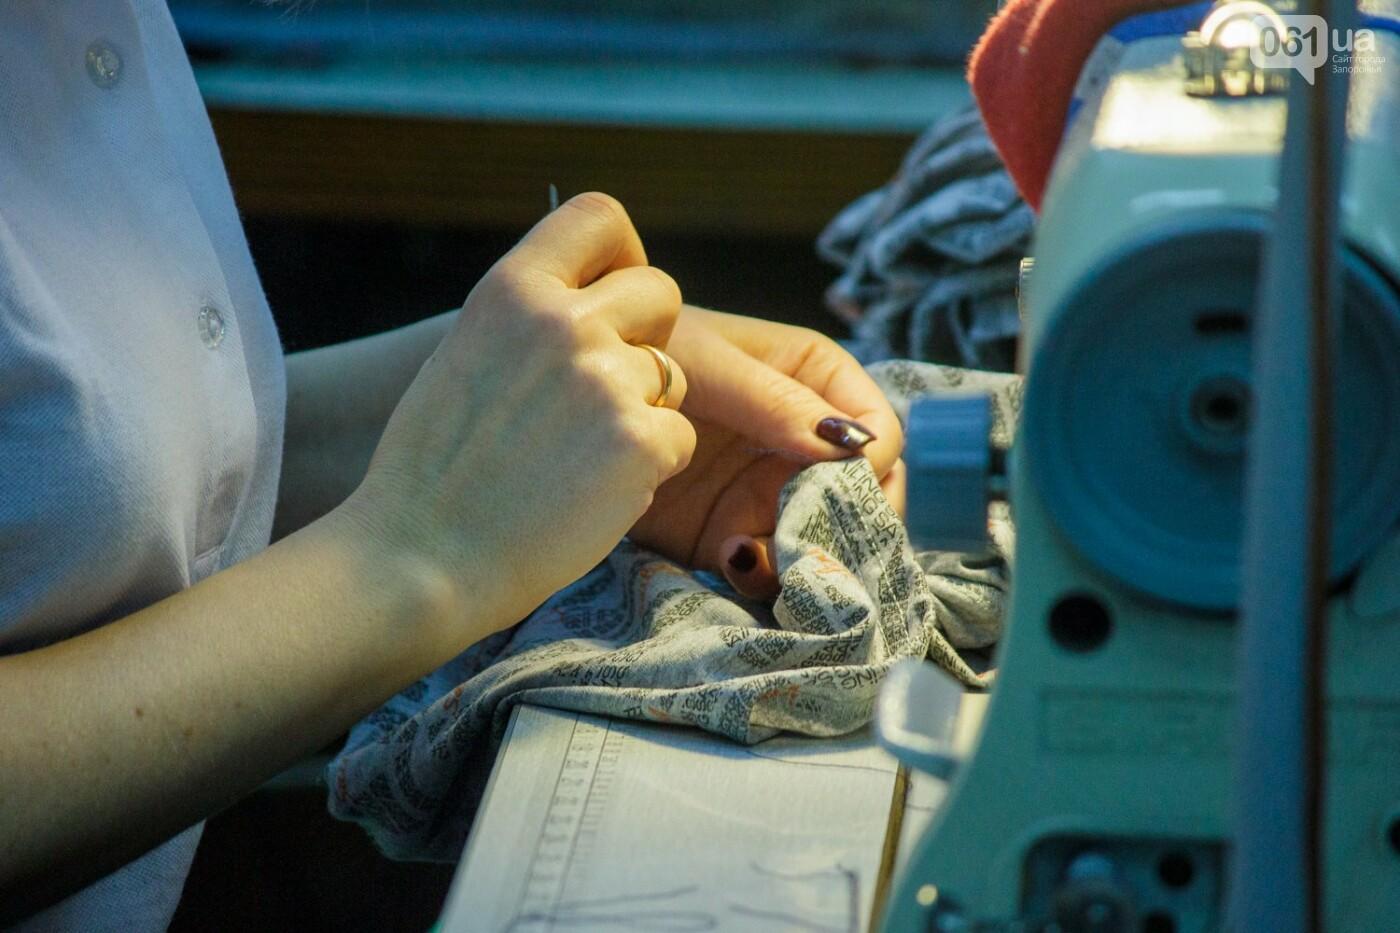 Как в Запорожье шьют мужское белье: экскурсия на трикотажную фабрику, – ФОТОРЕПОРТАЖ, фото-36